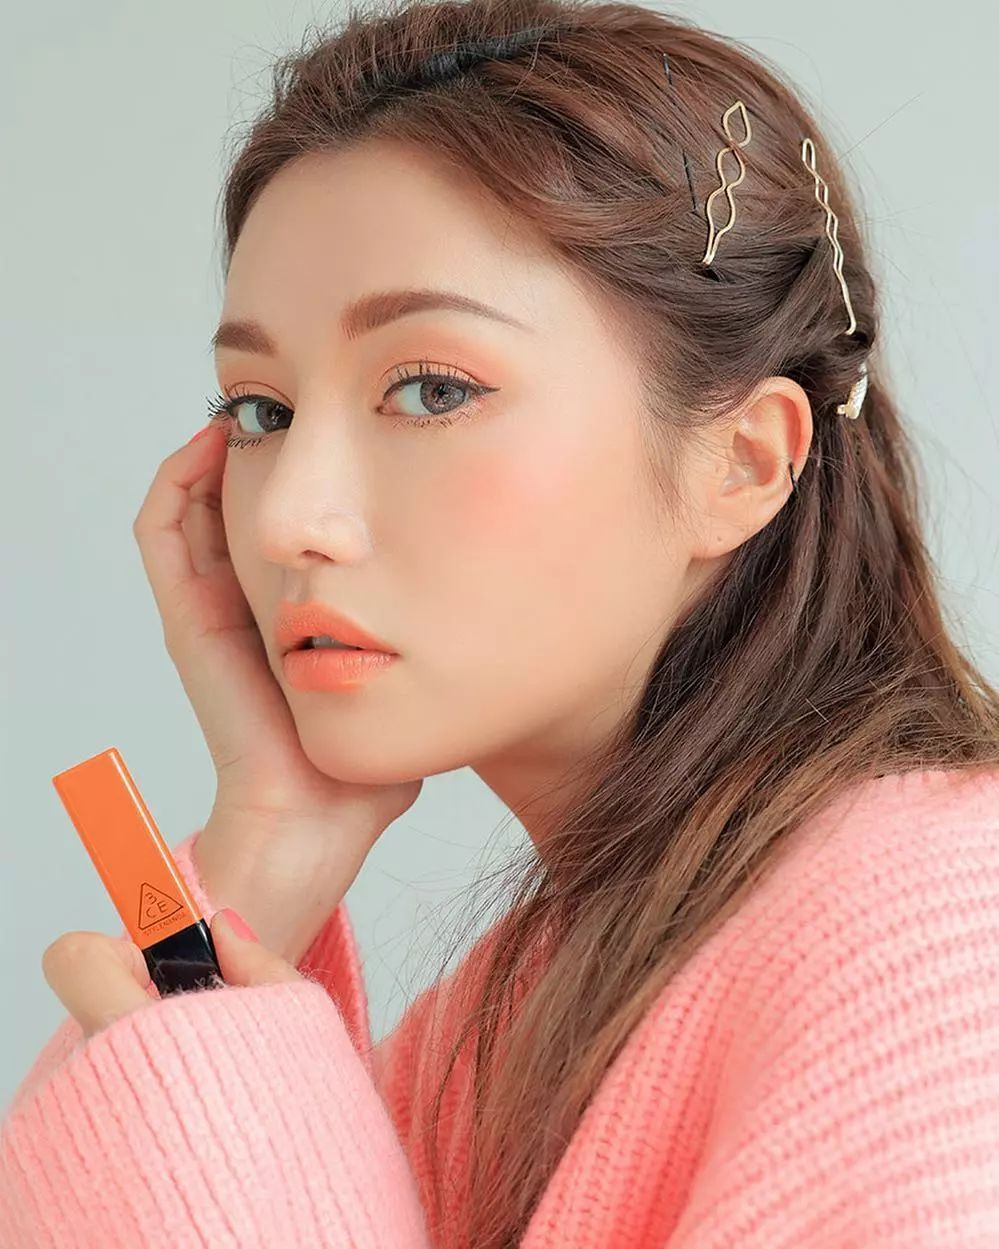 收藏 |韩国彩妆广告造型集锦 第2季